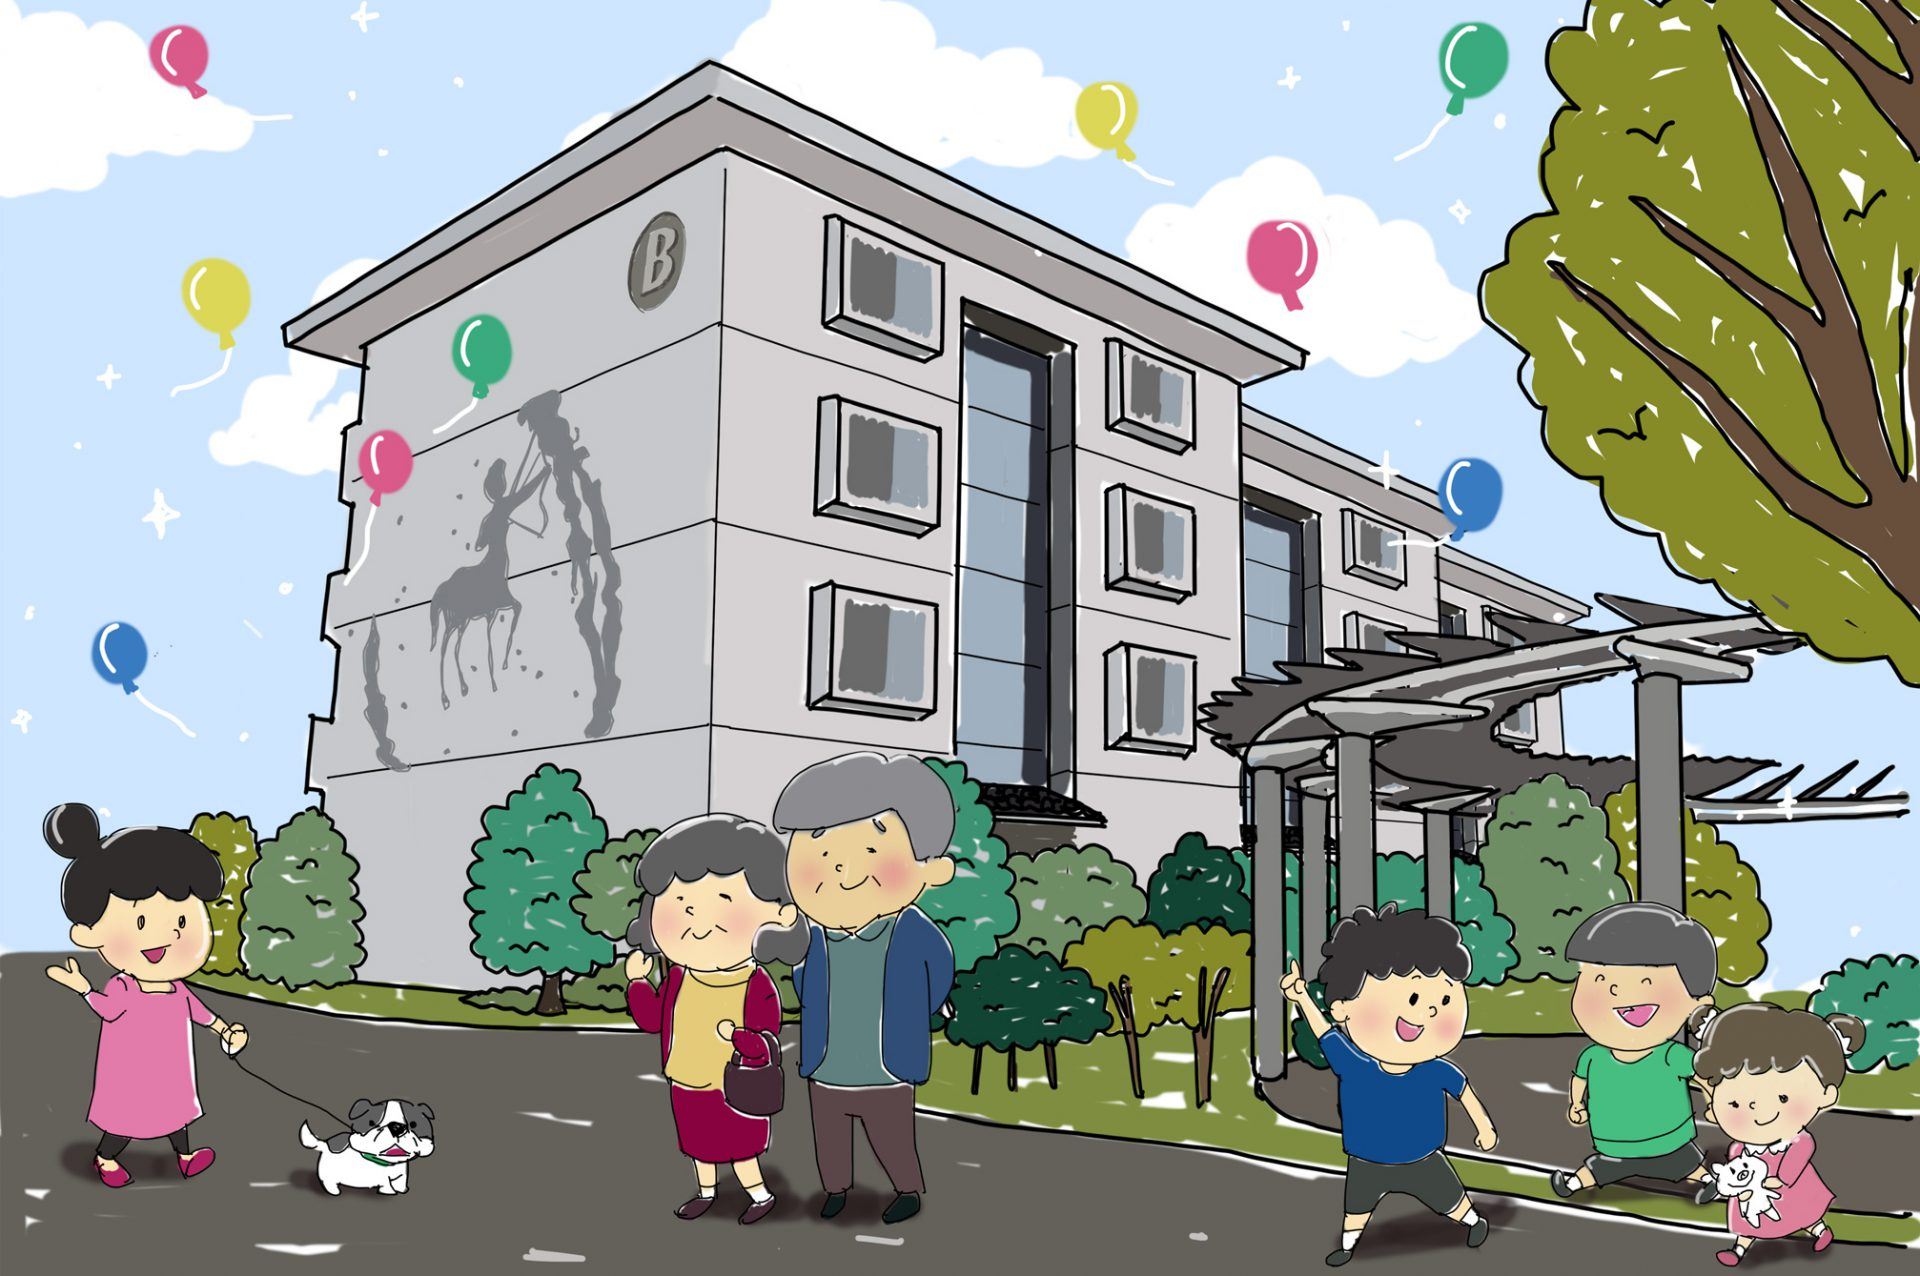 ホシノマチ団地 -軽井沢郊外50歳以上のための移住者向け住宅